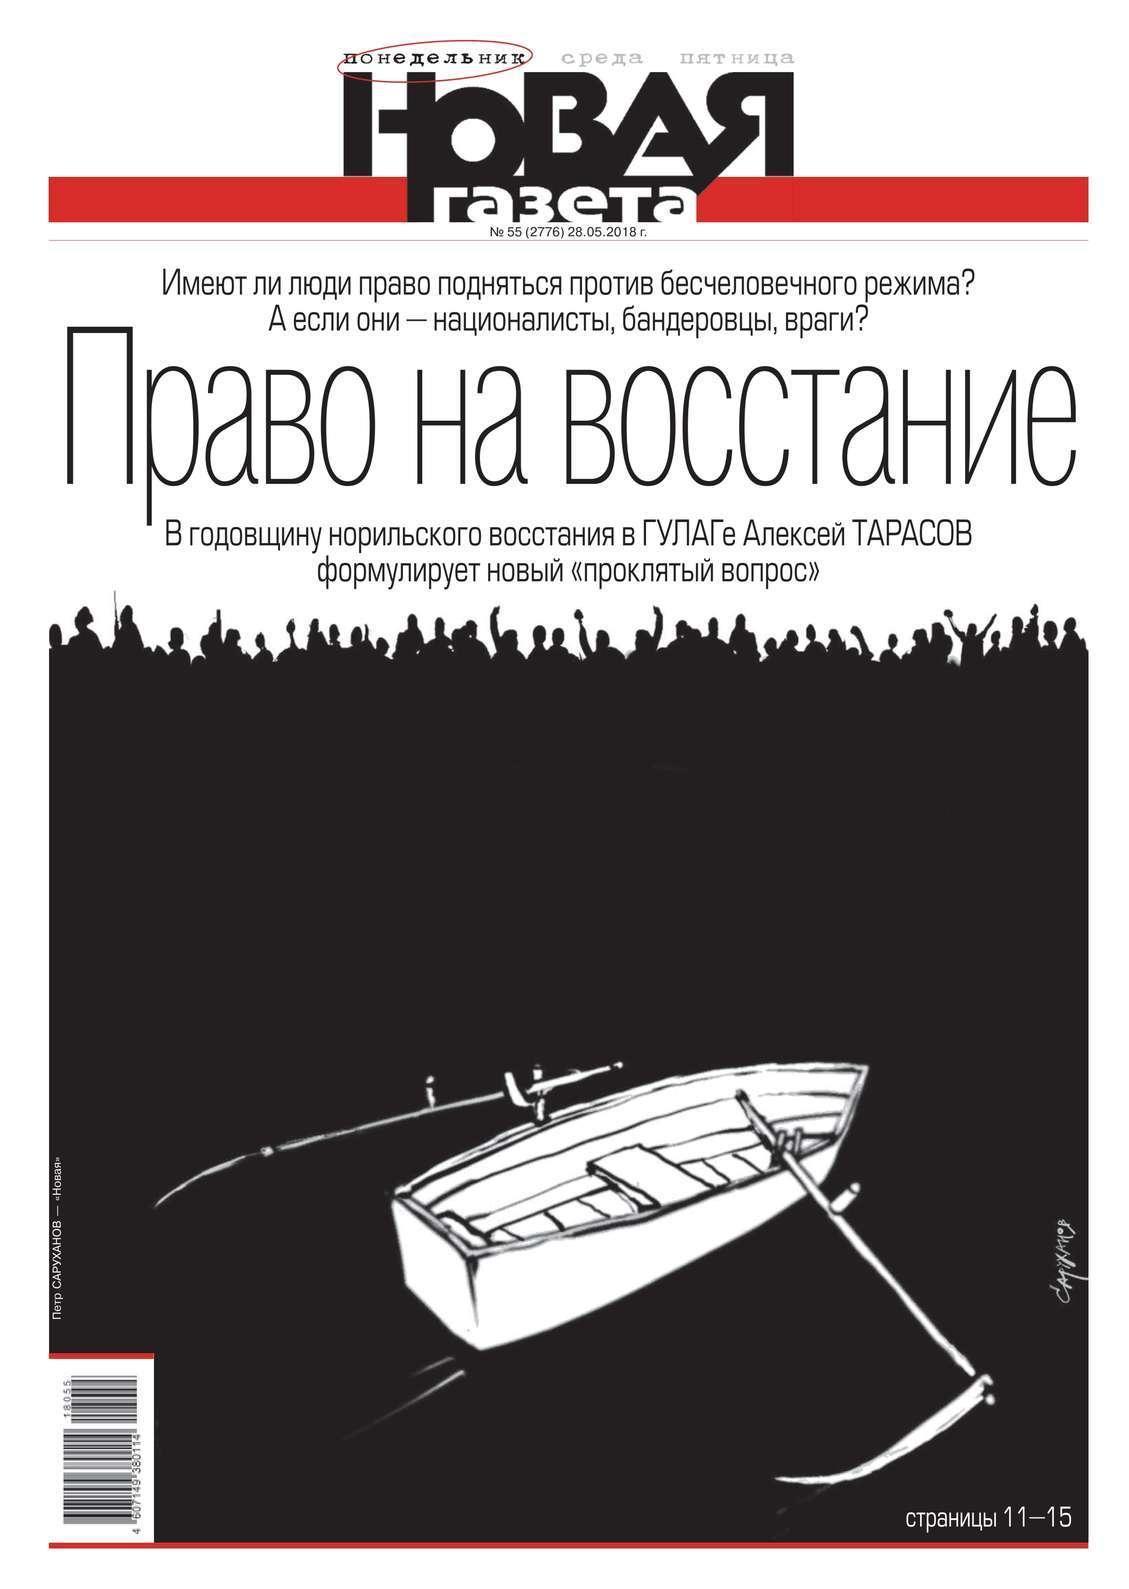 Редакция газеты Новая газета Новая Газета 55-2018